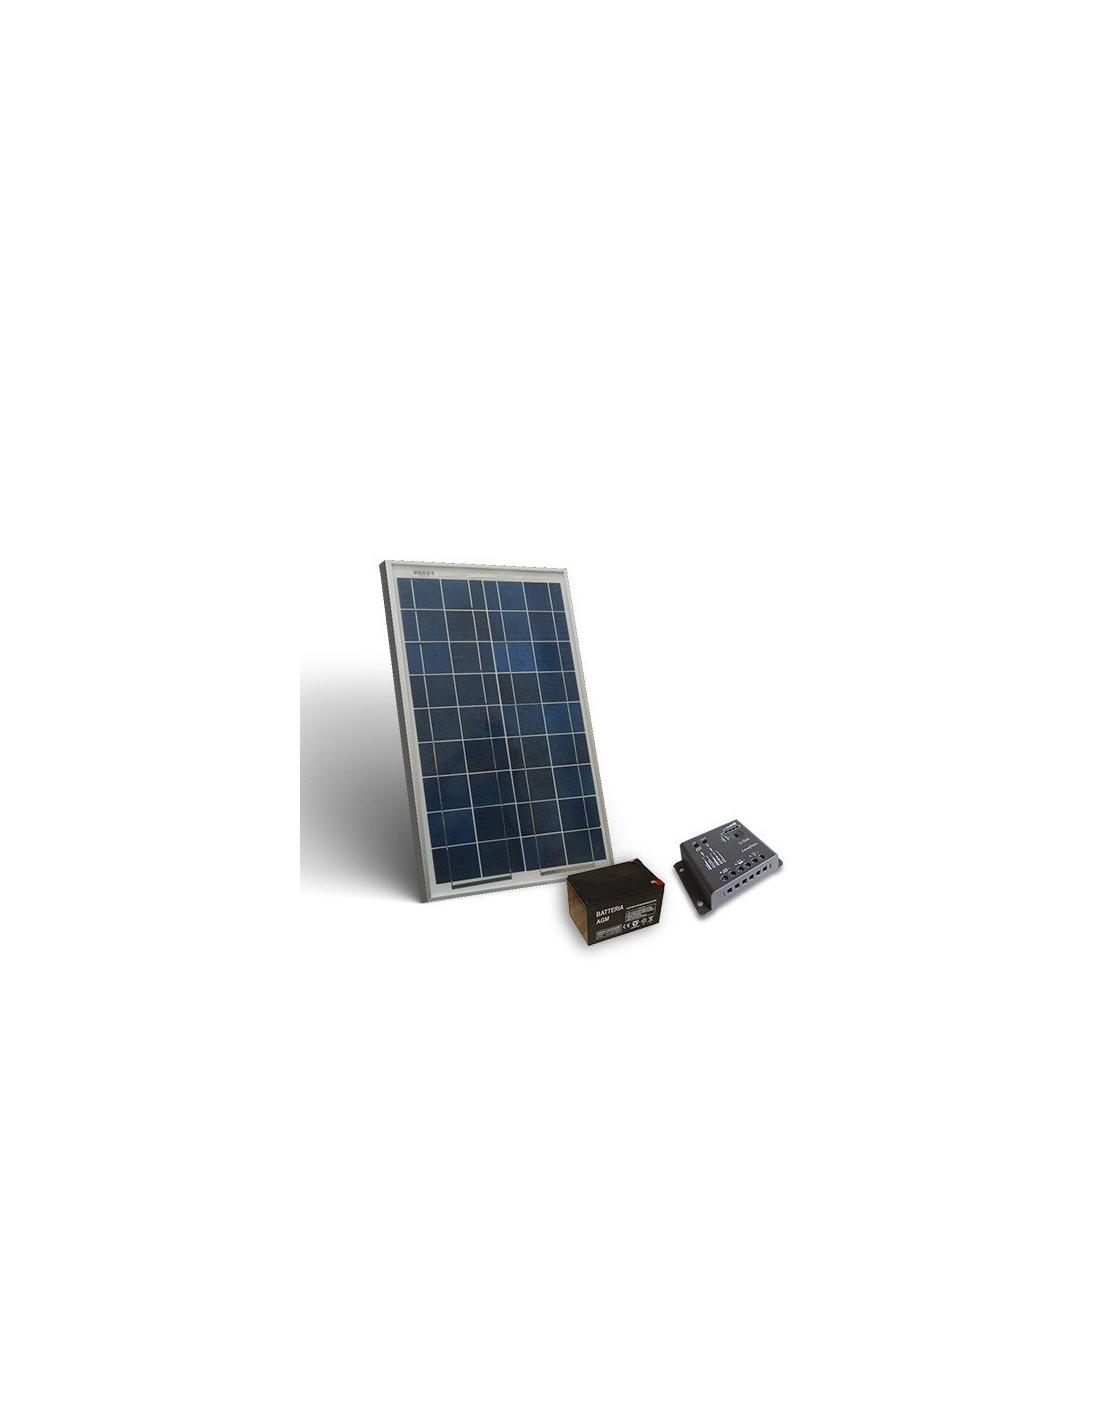 Kit Pannello Solare 50 Watt : Kit solare pro w v pannello fotovoltaico regolatore a pwm